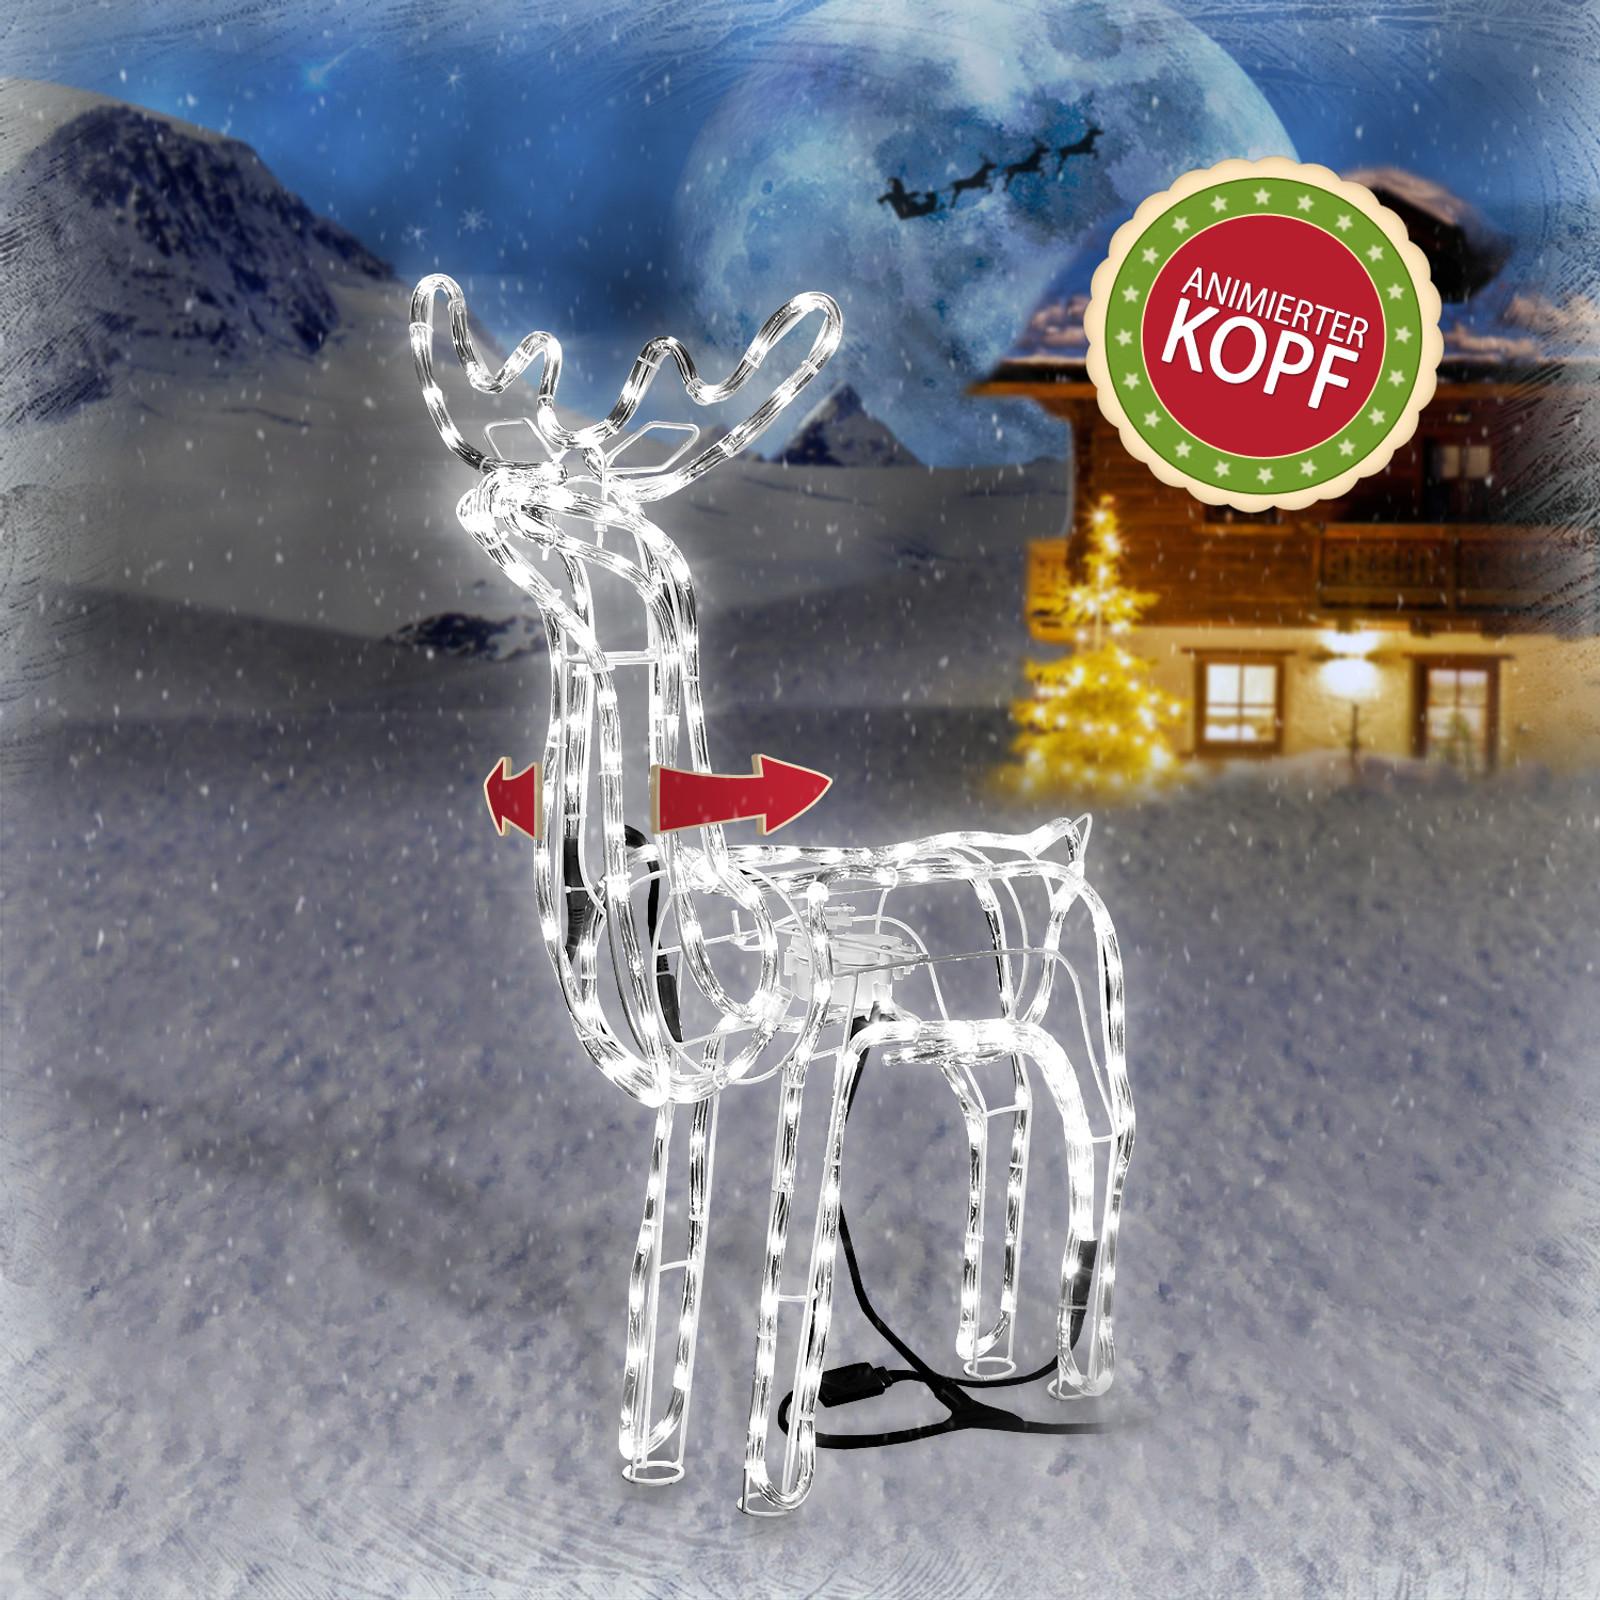 Weihnachtsbeleuchtung Rentier Beweglich.Led Rentier Mit Motorgesteuertem Kopf